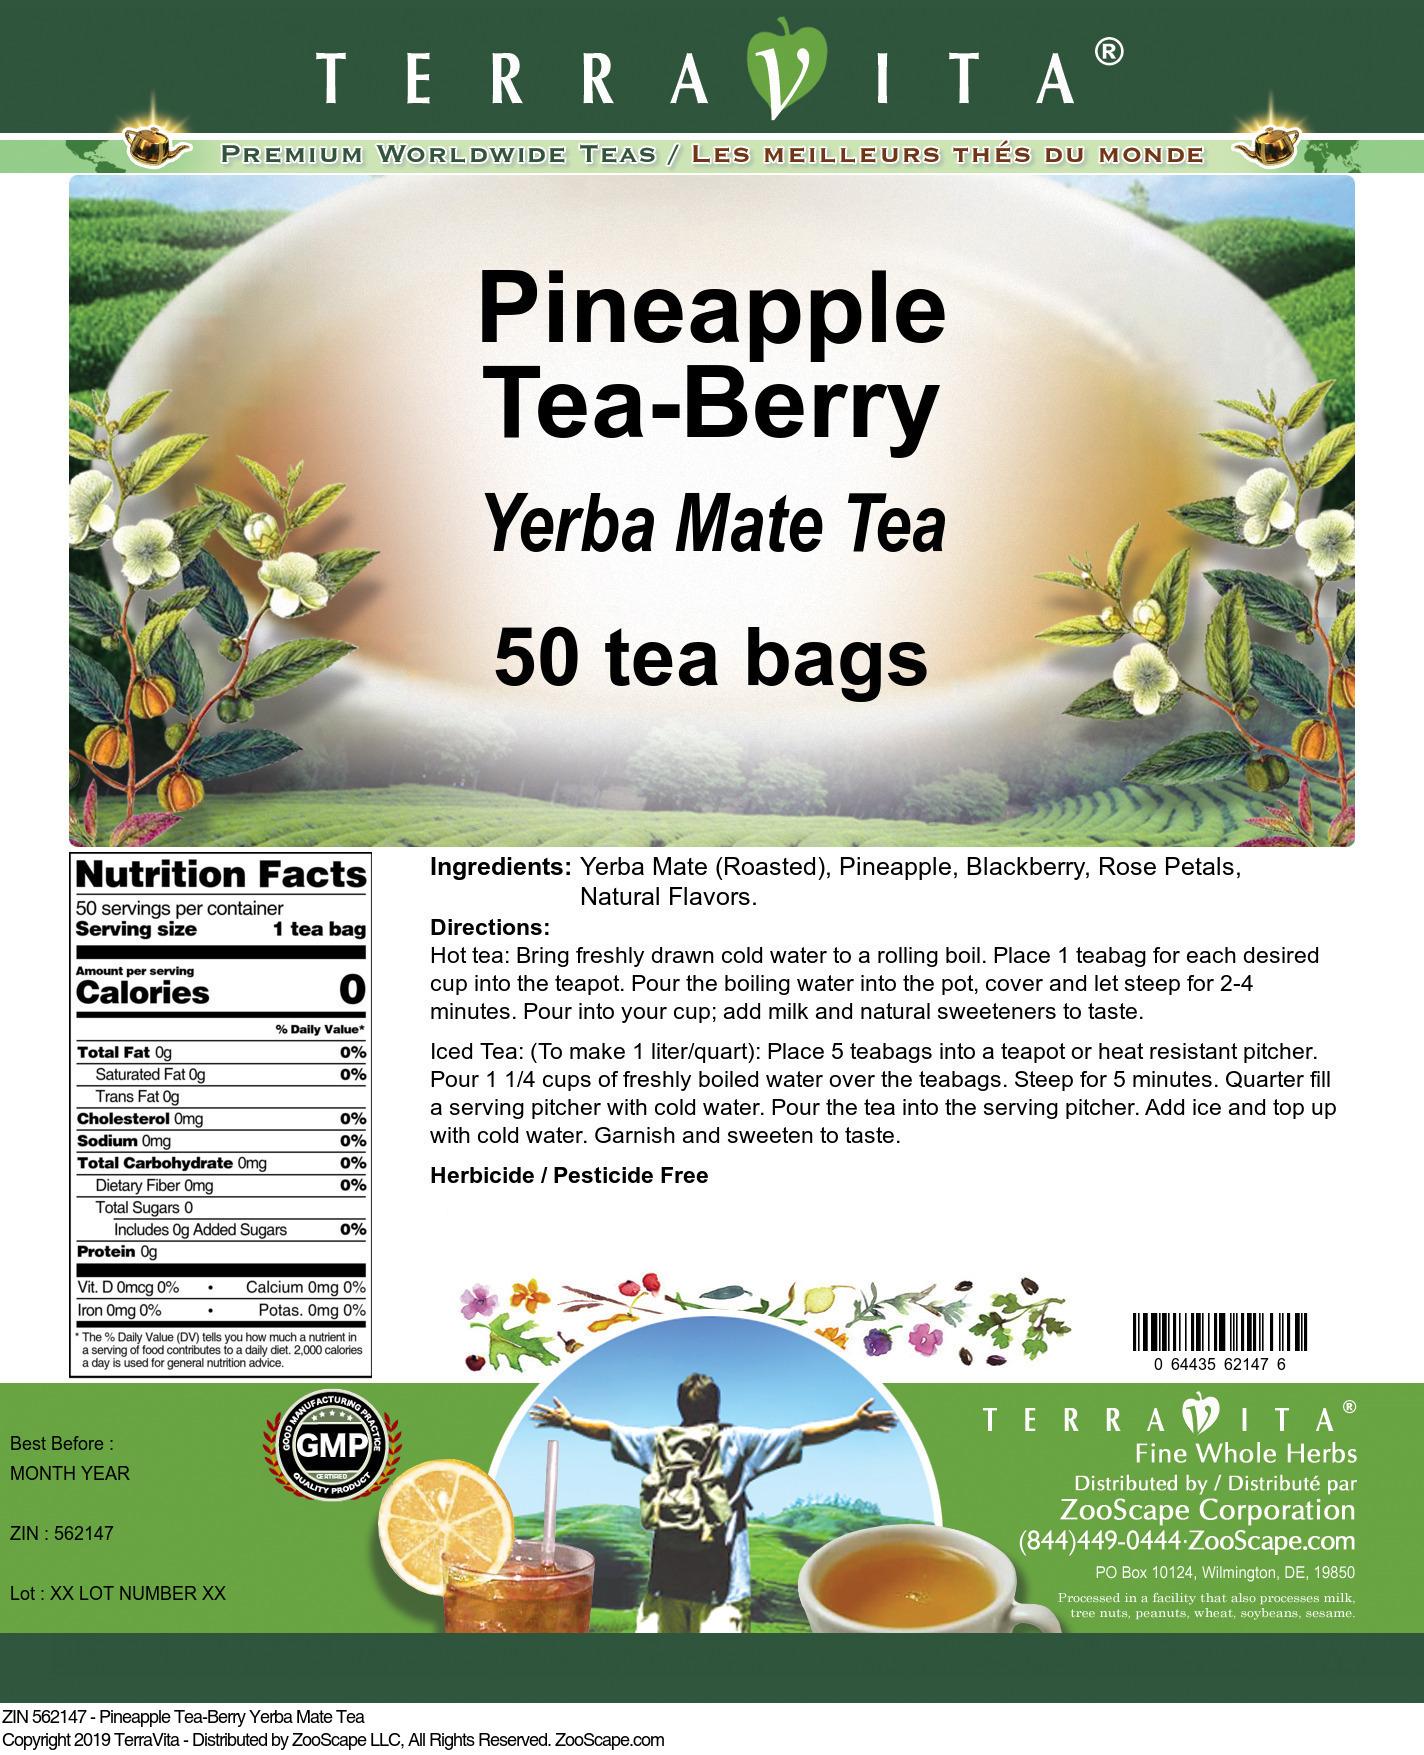 Pineapple Tea-Berry Yerba Mate